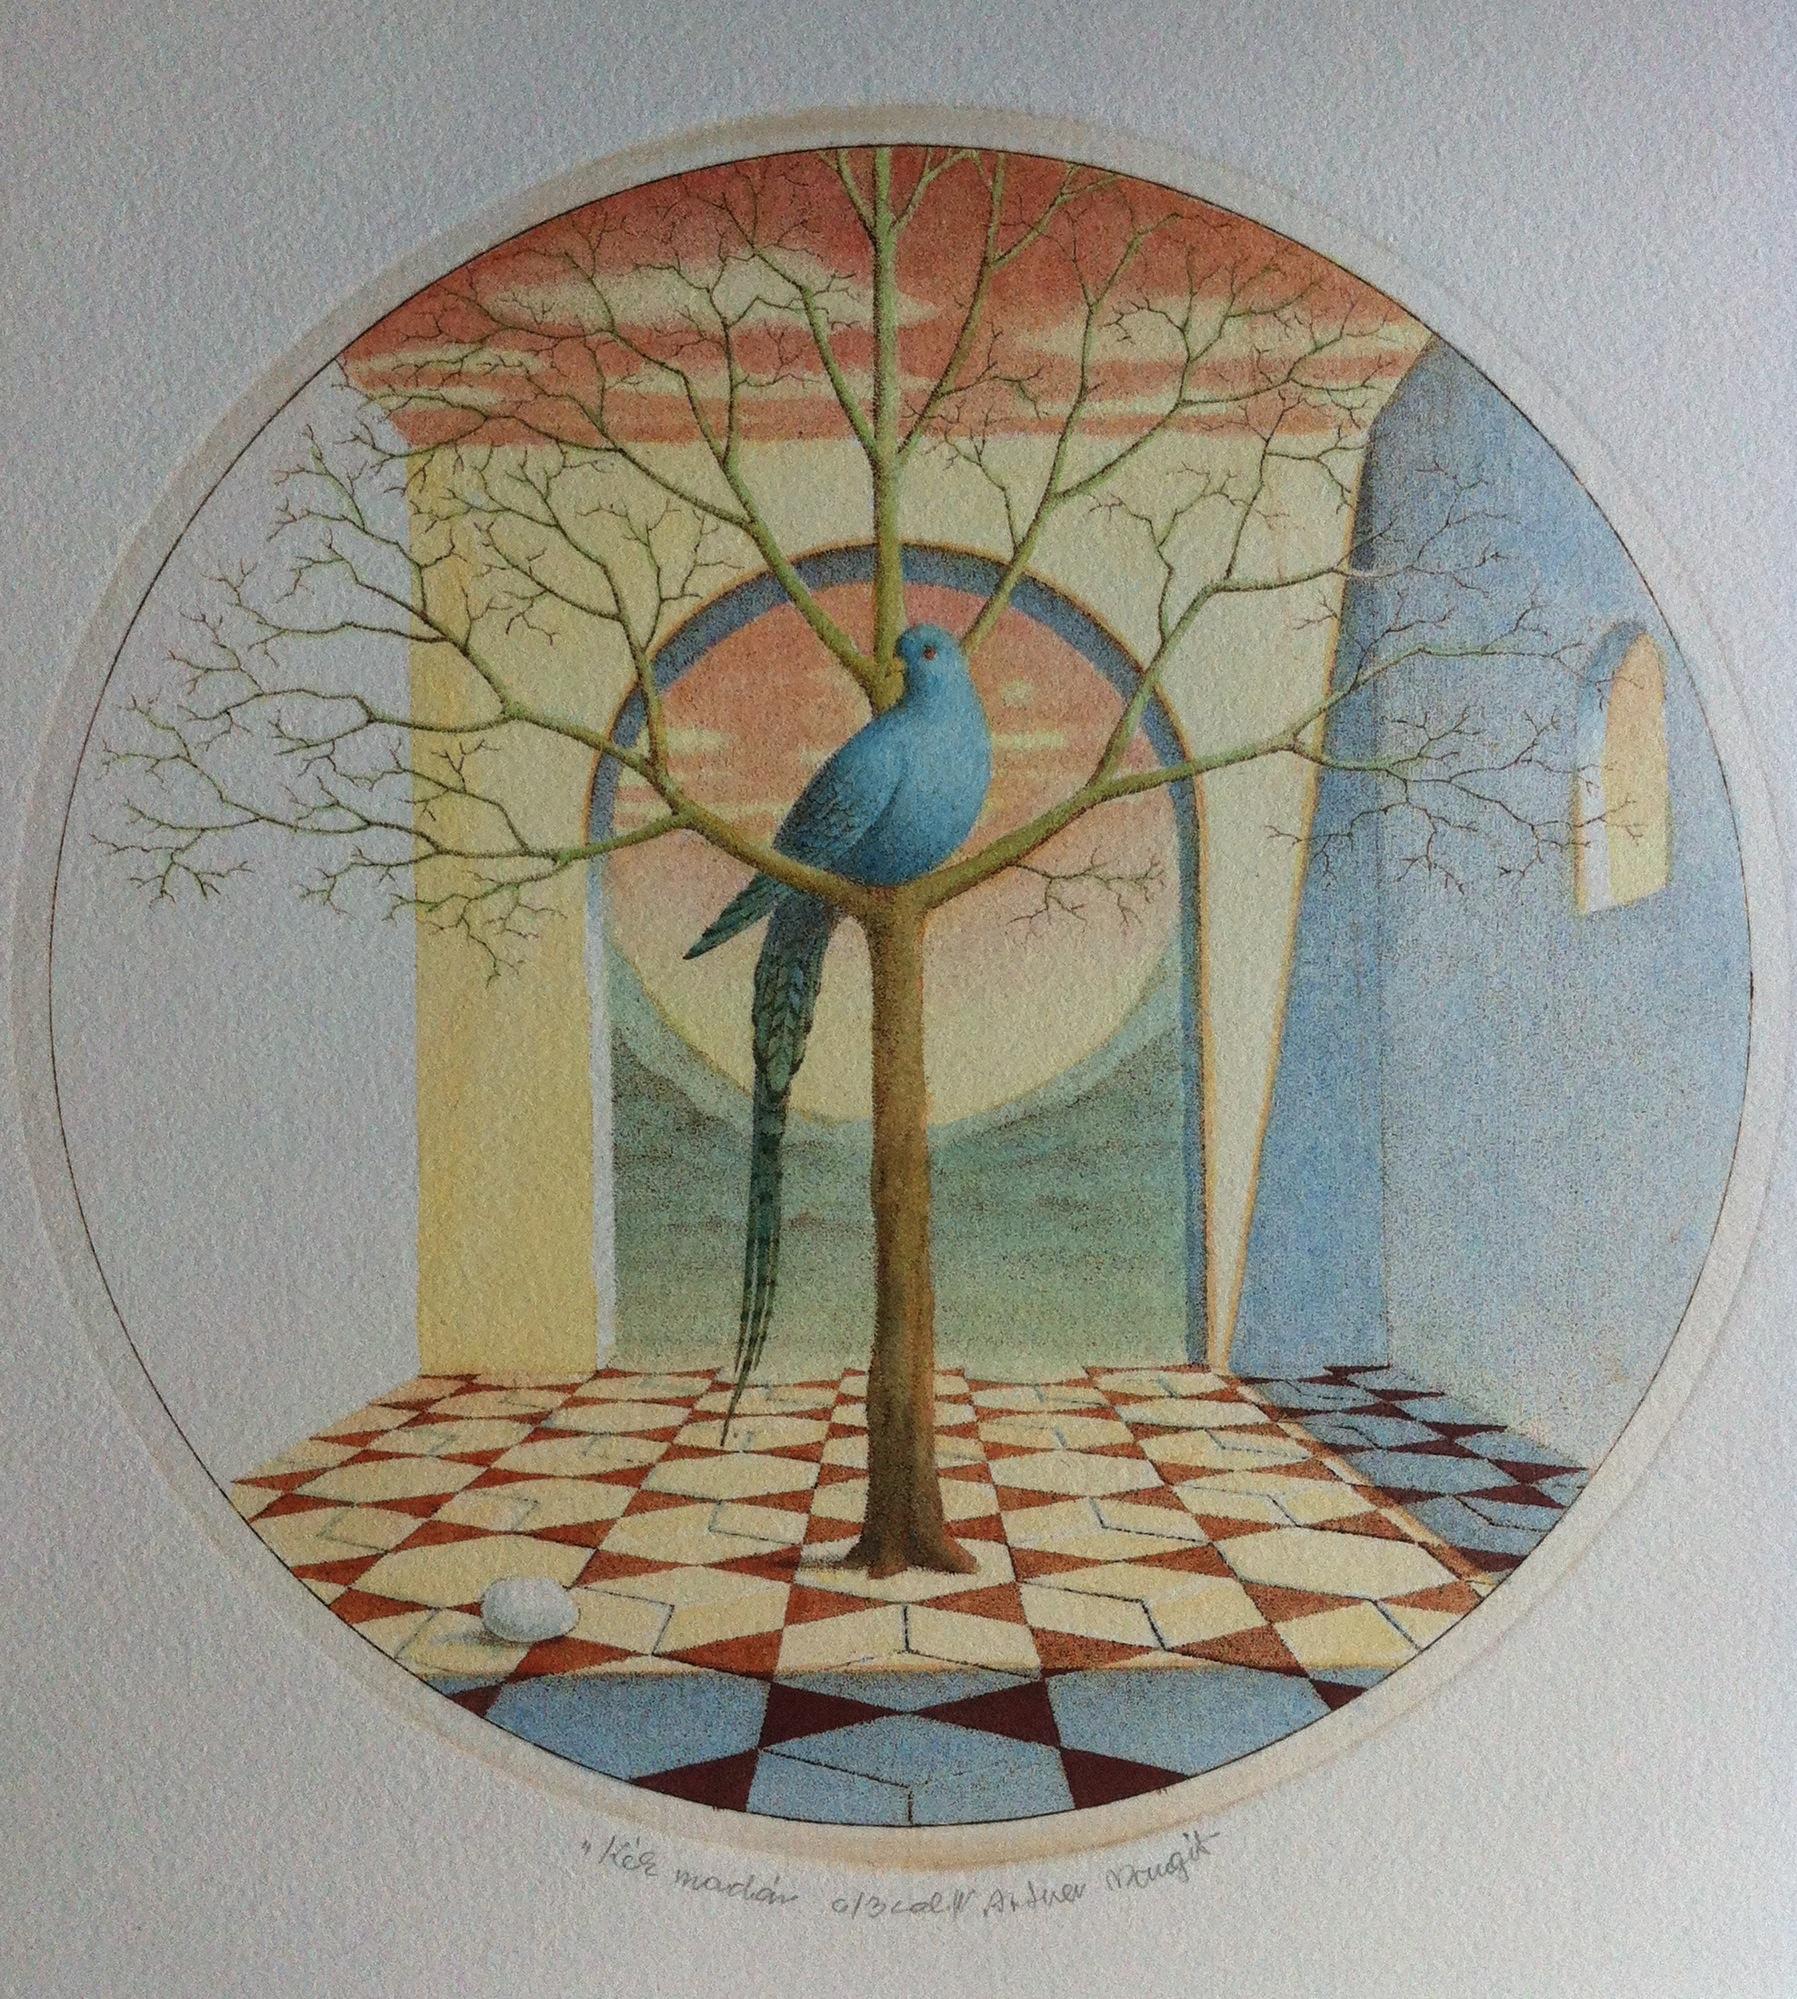 Artner, Margit: Blauer Vogel